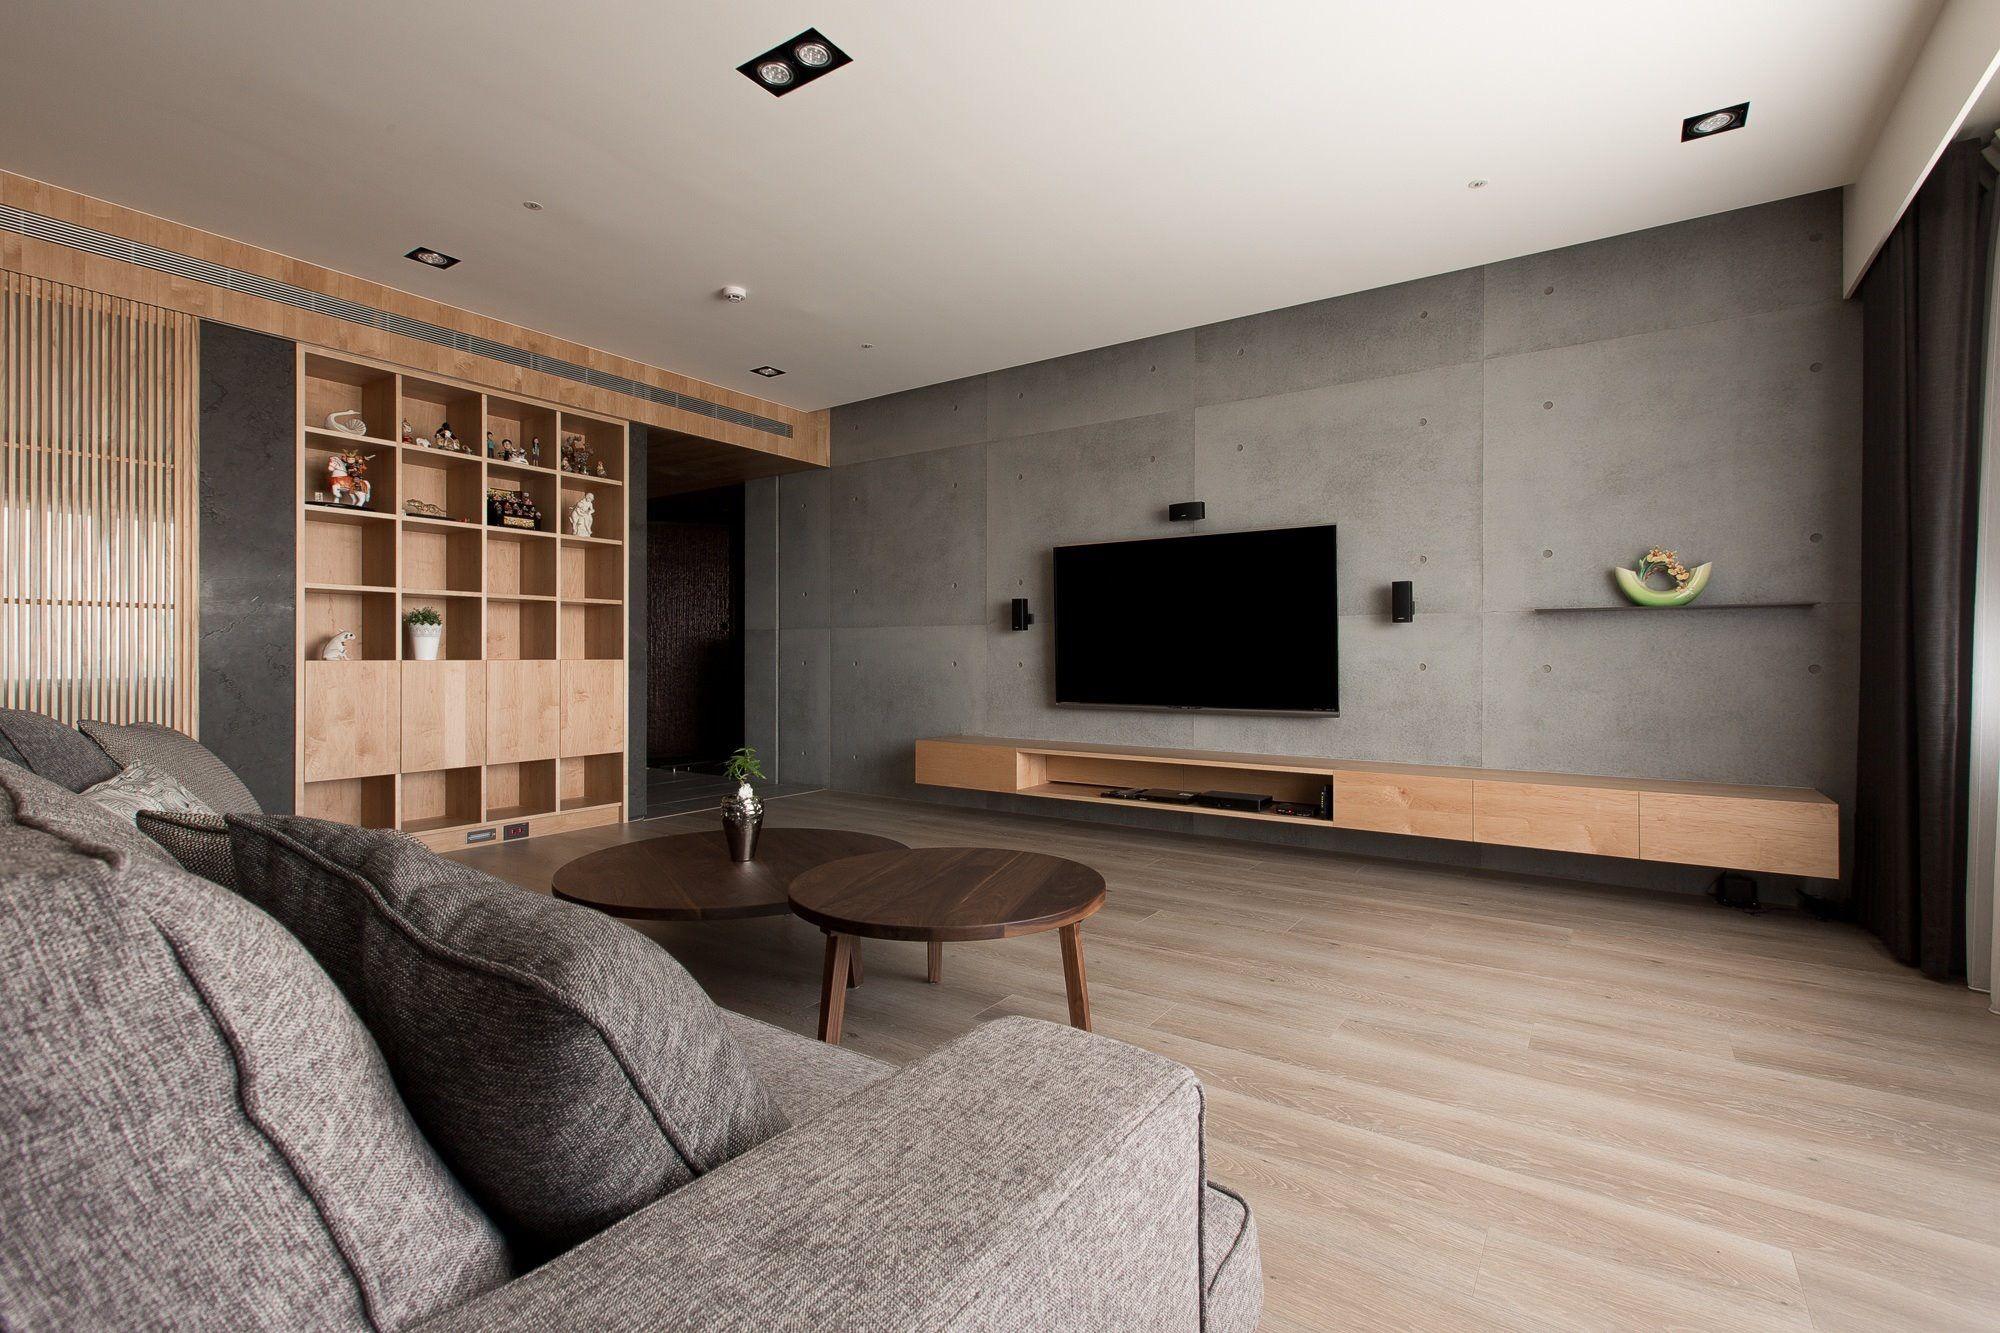 Pin von Wun-Yi Jlan auf livingroom | Pinterest | Wandbilder und ...